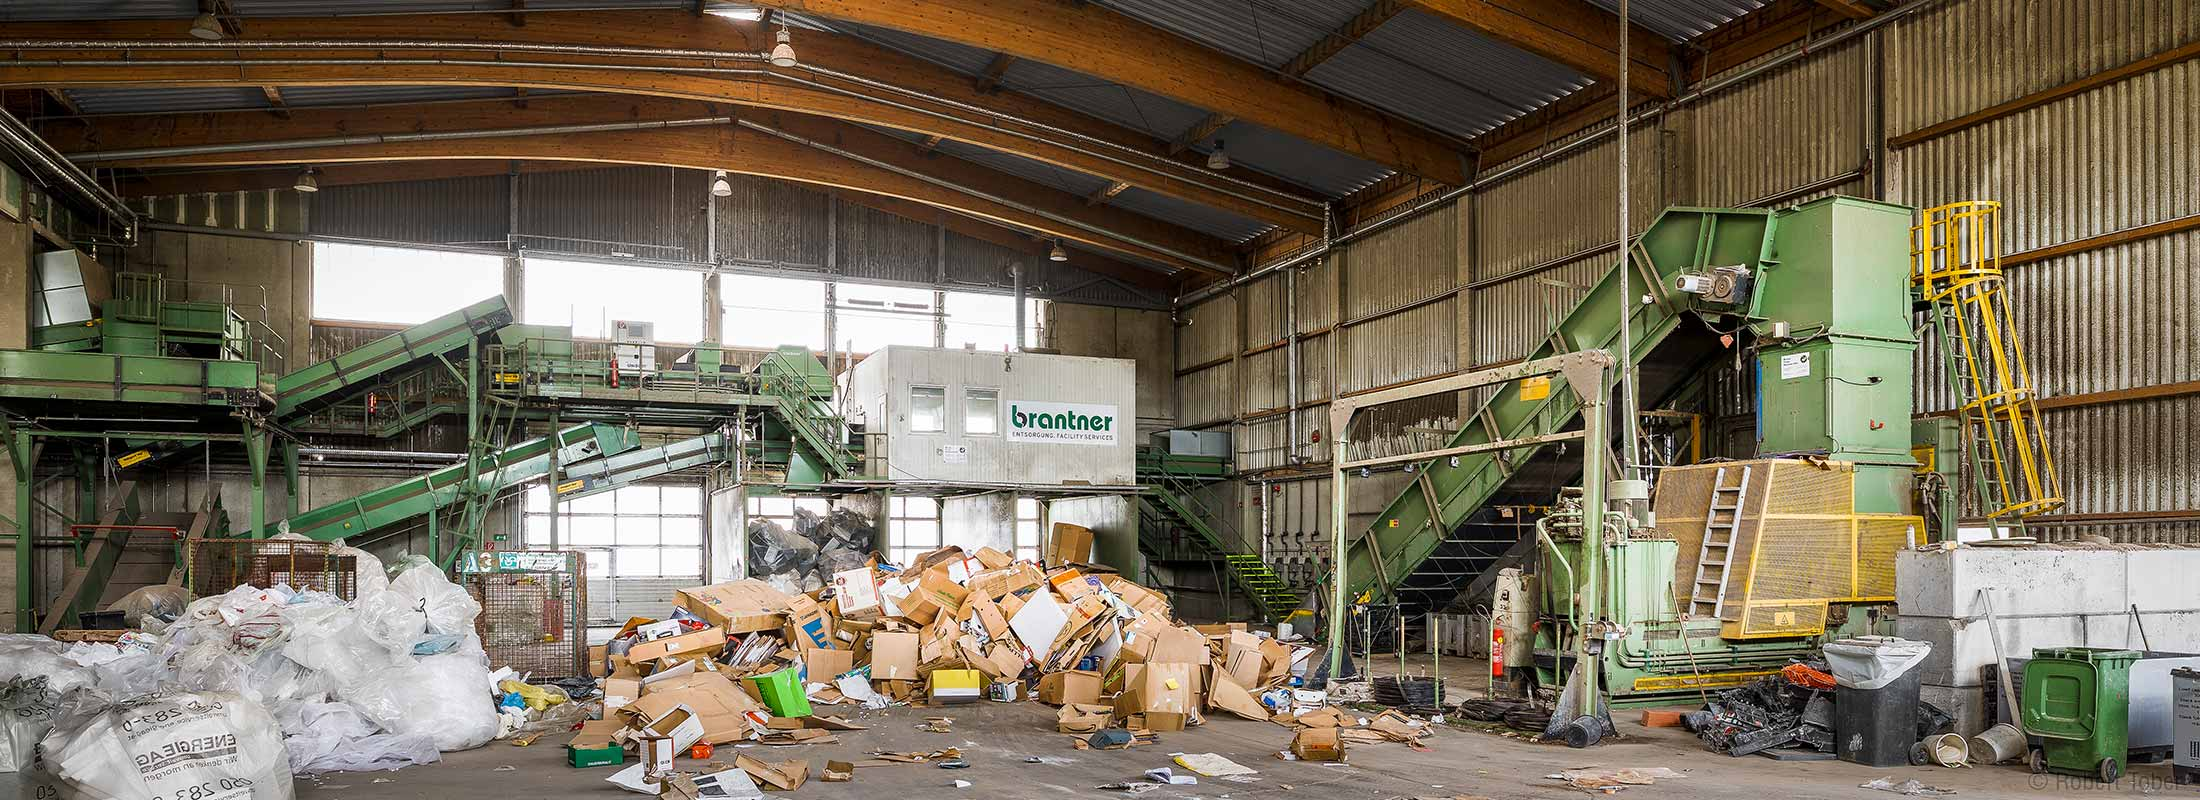 Altpapierverwertung. NUA Abfallwirtschaft Brantner- Hohenruppersdorf © Robert Tober